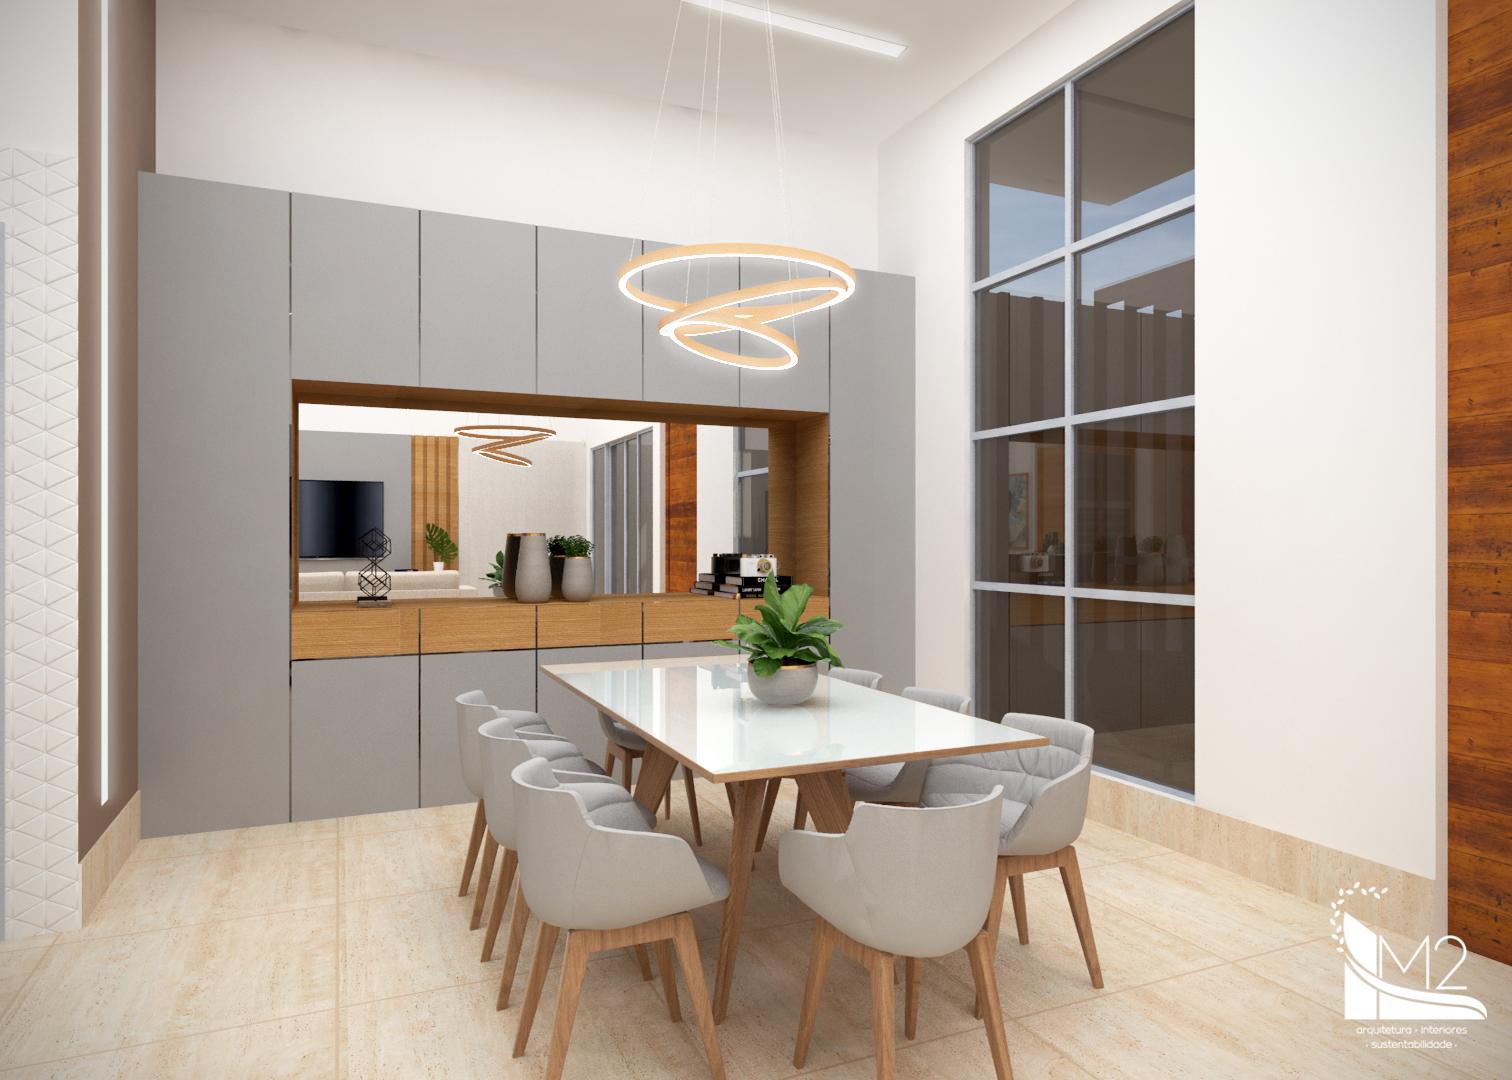 Sala de TV, Jantar e Cozinha